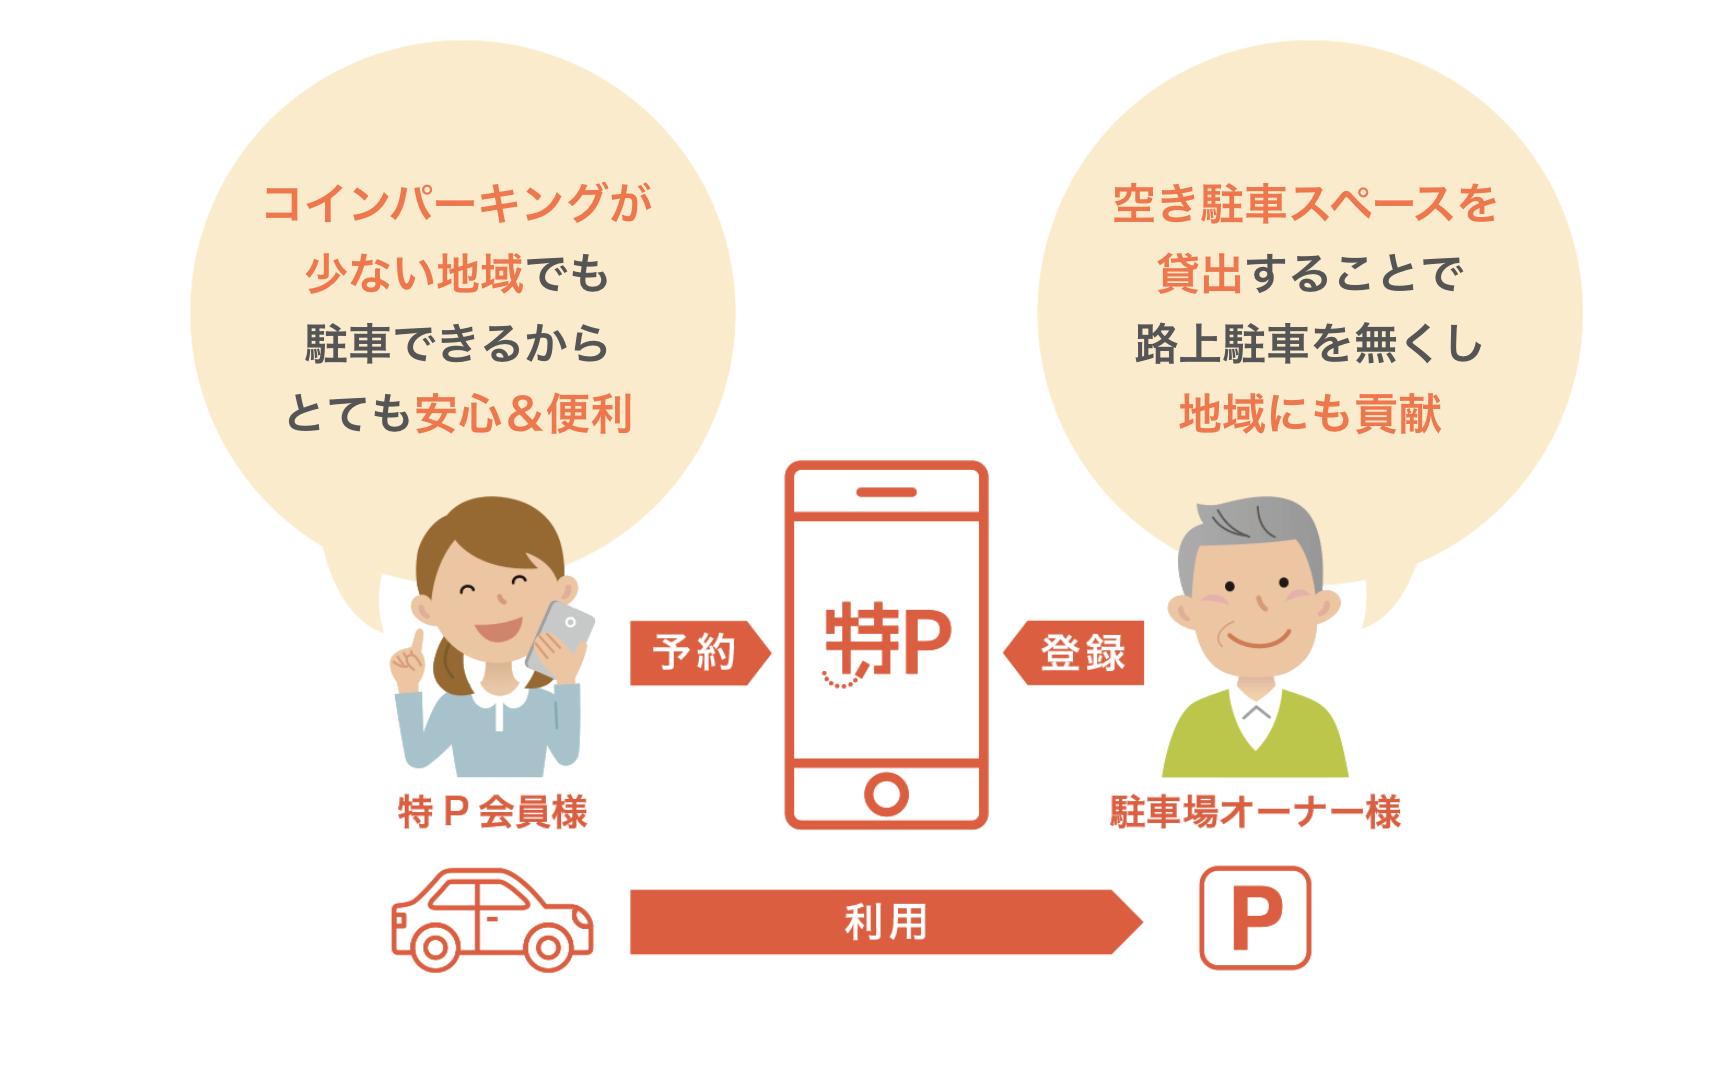 月に3万円の副収入!駐車場シェアリングサービス「特P」のメリット・デメリット